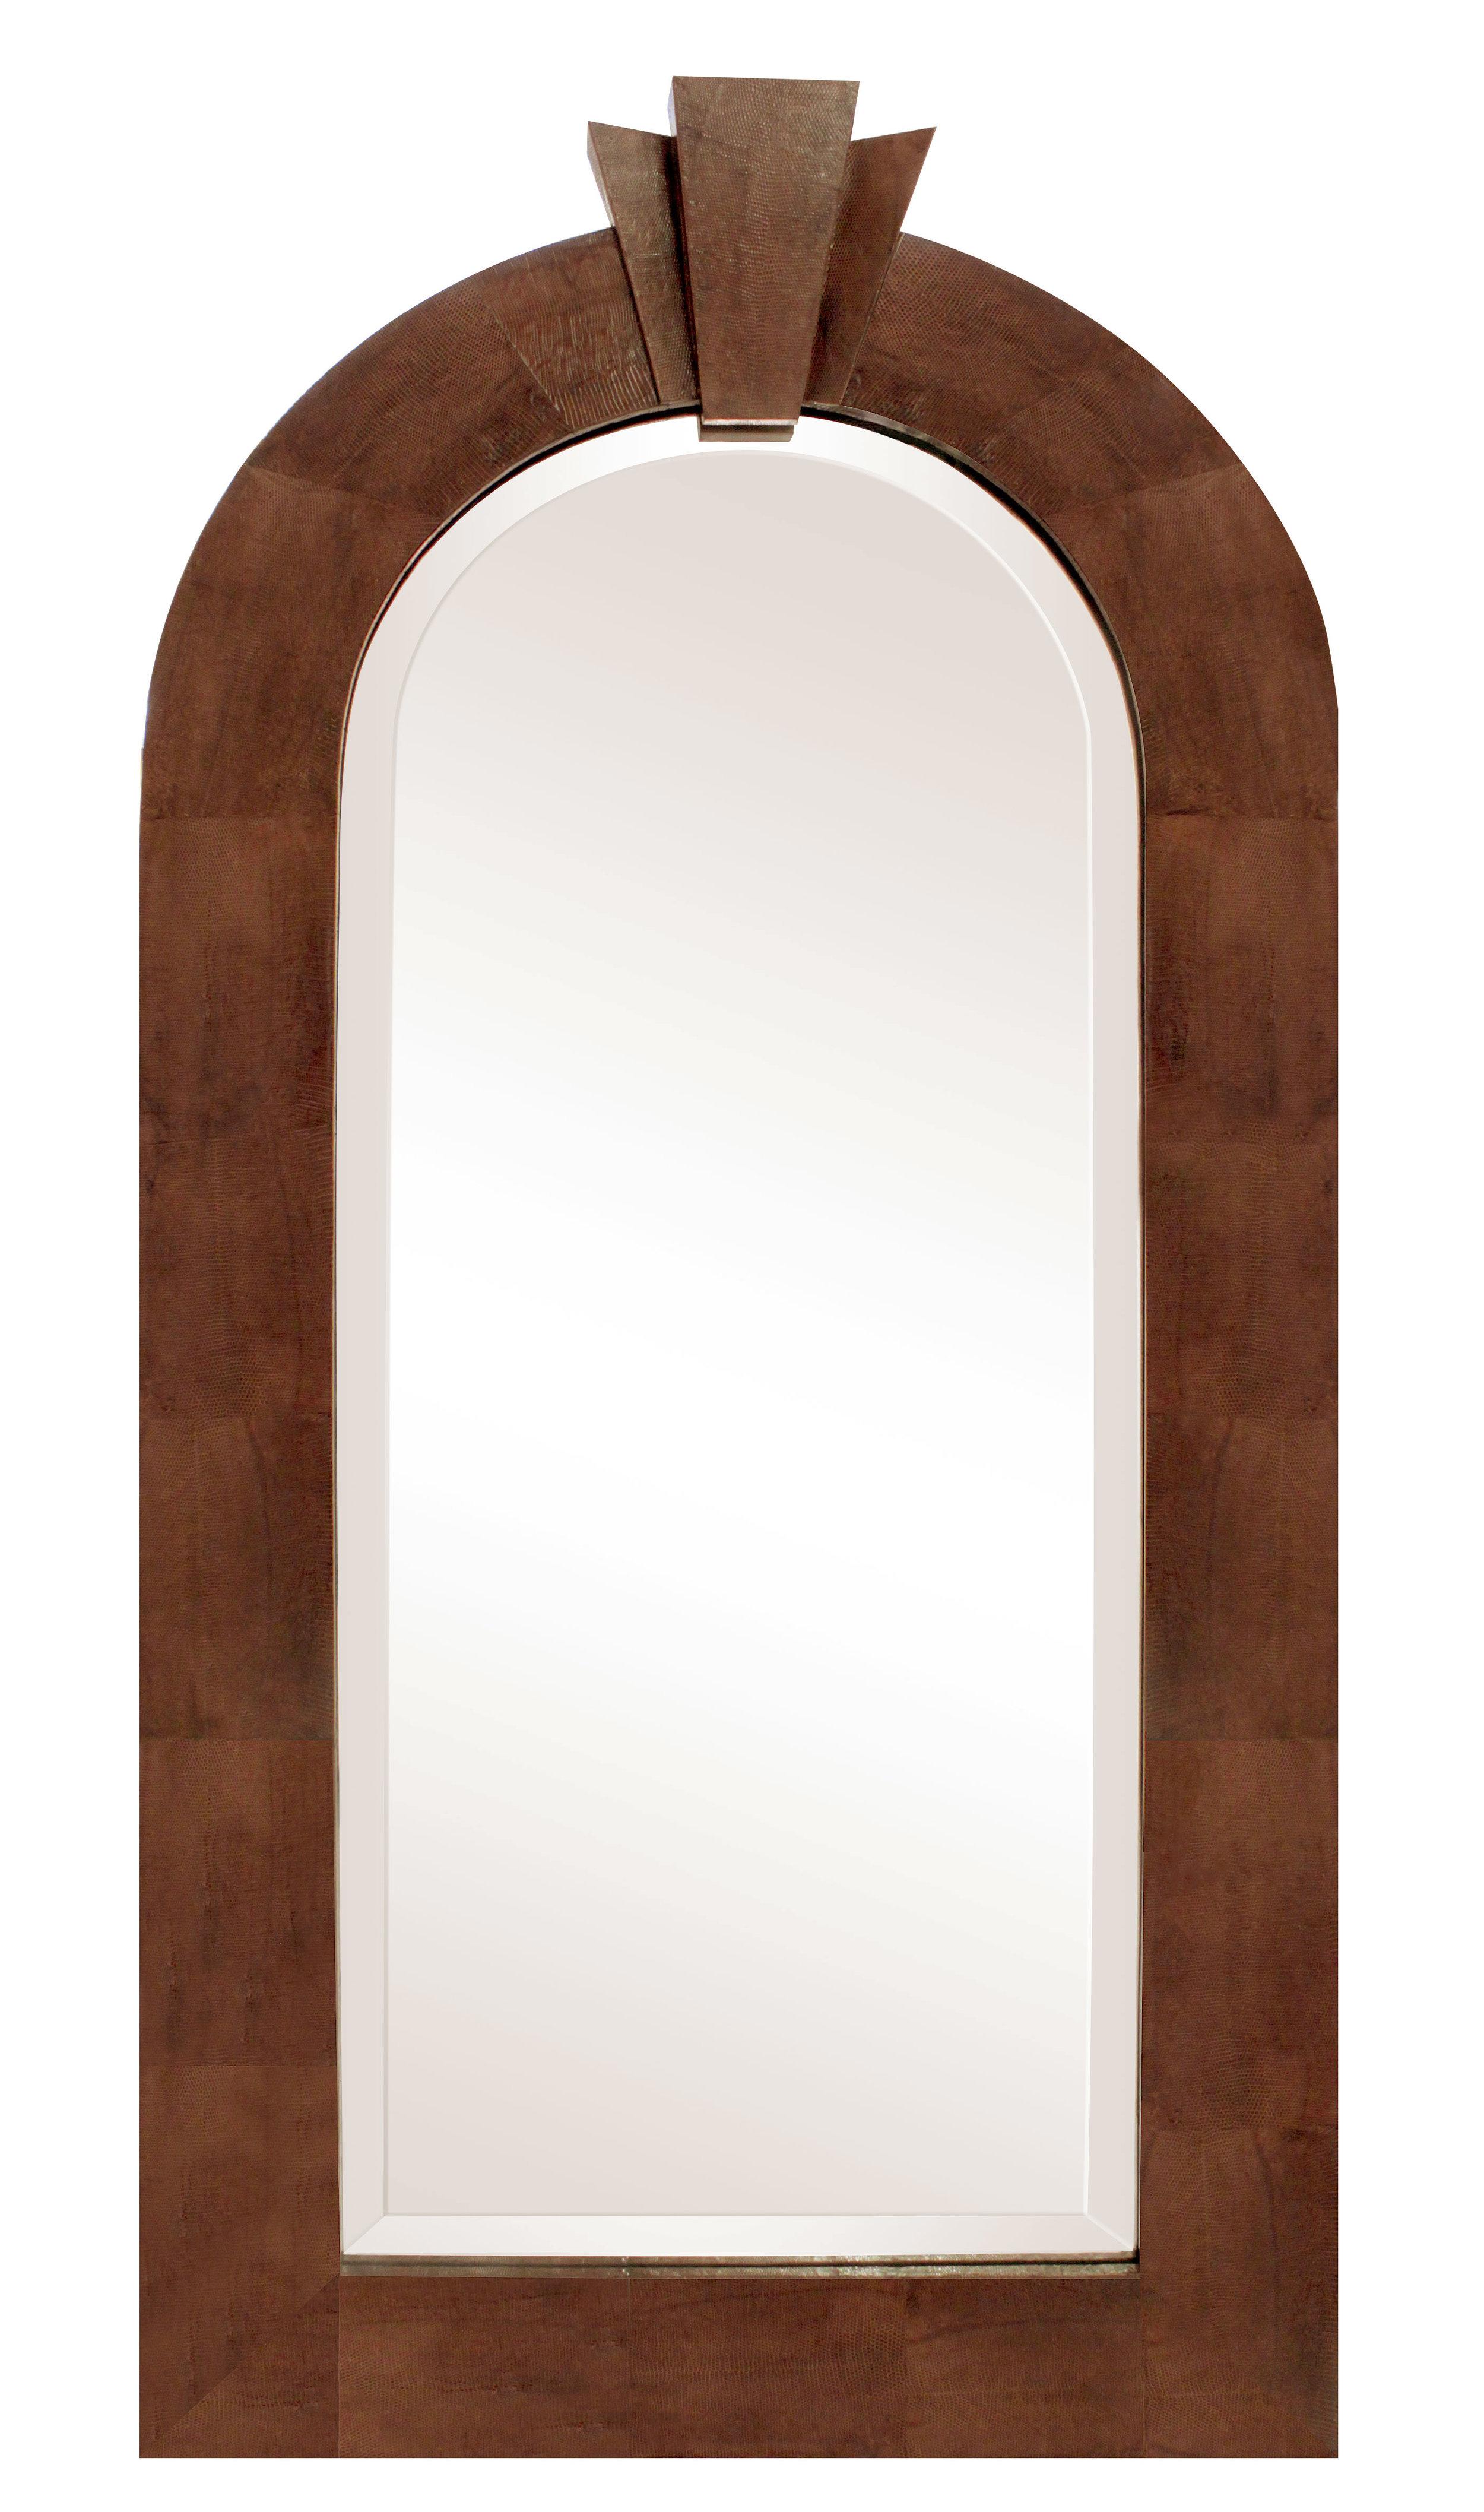 Springer 150 arctop crest brwn liz mirror99 hires.JPG